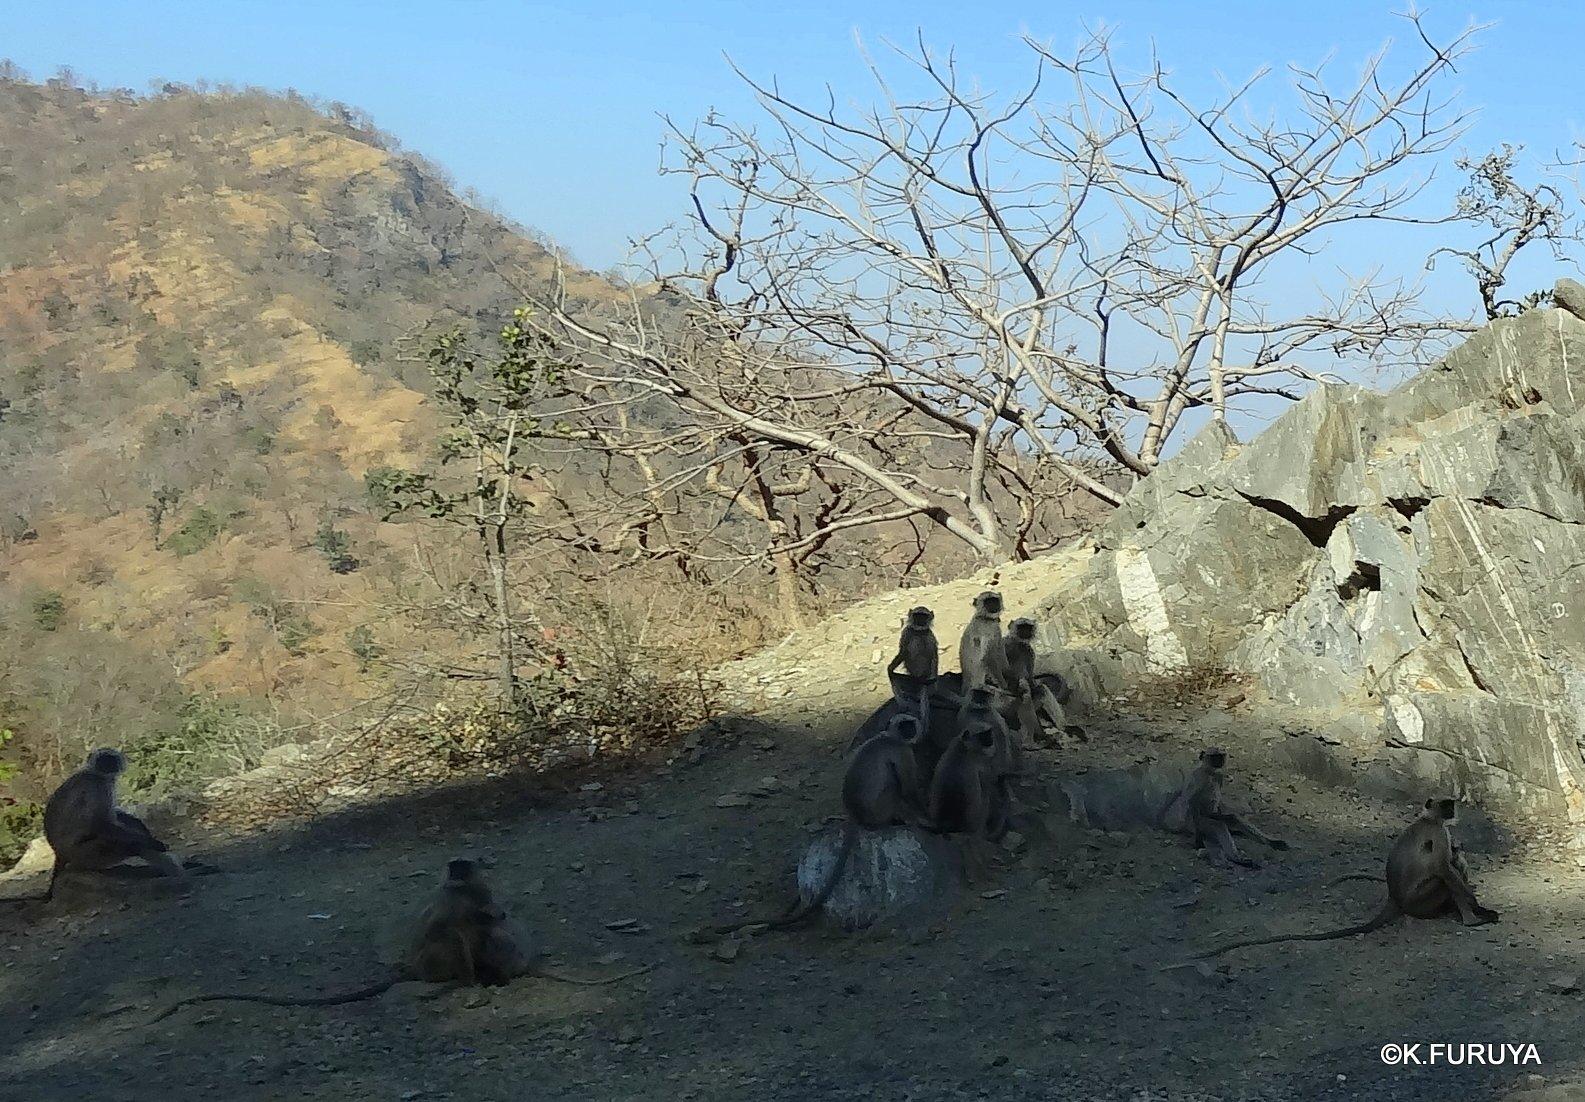 インド・ラジャスタンの旅 12 インド版「万里の長城」クンバルガル砦_a0092659_16525769.jpg